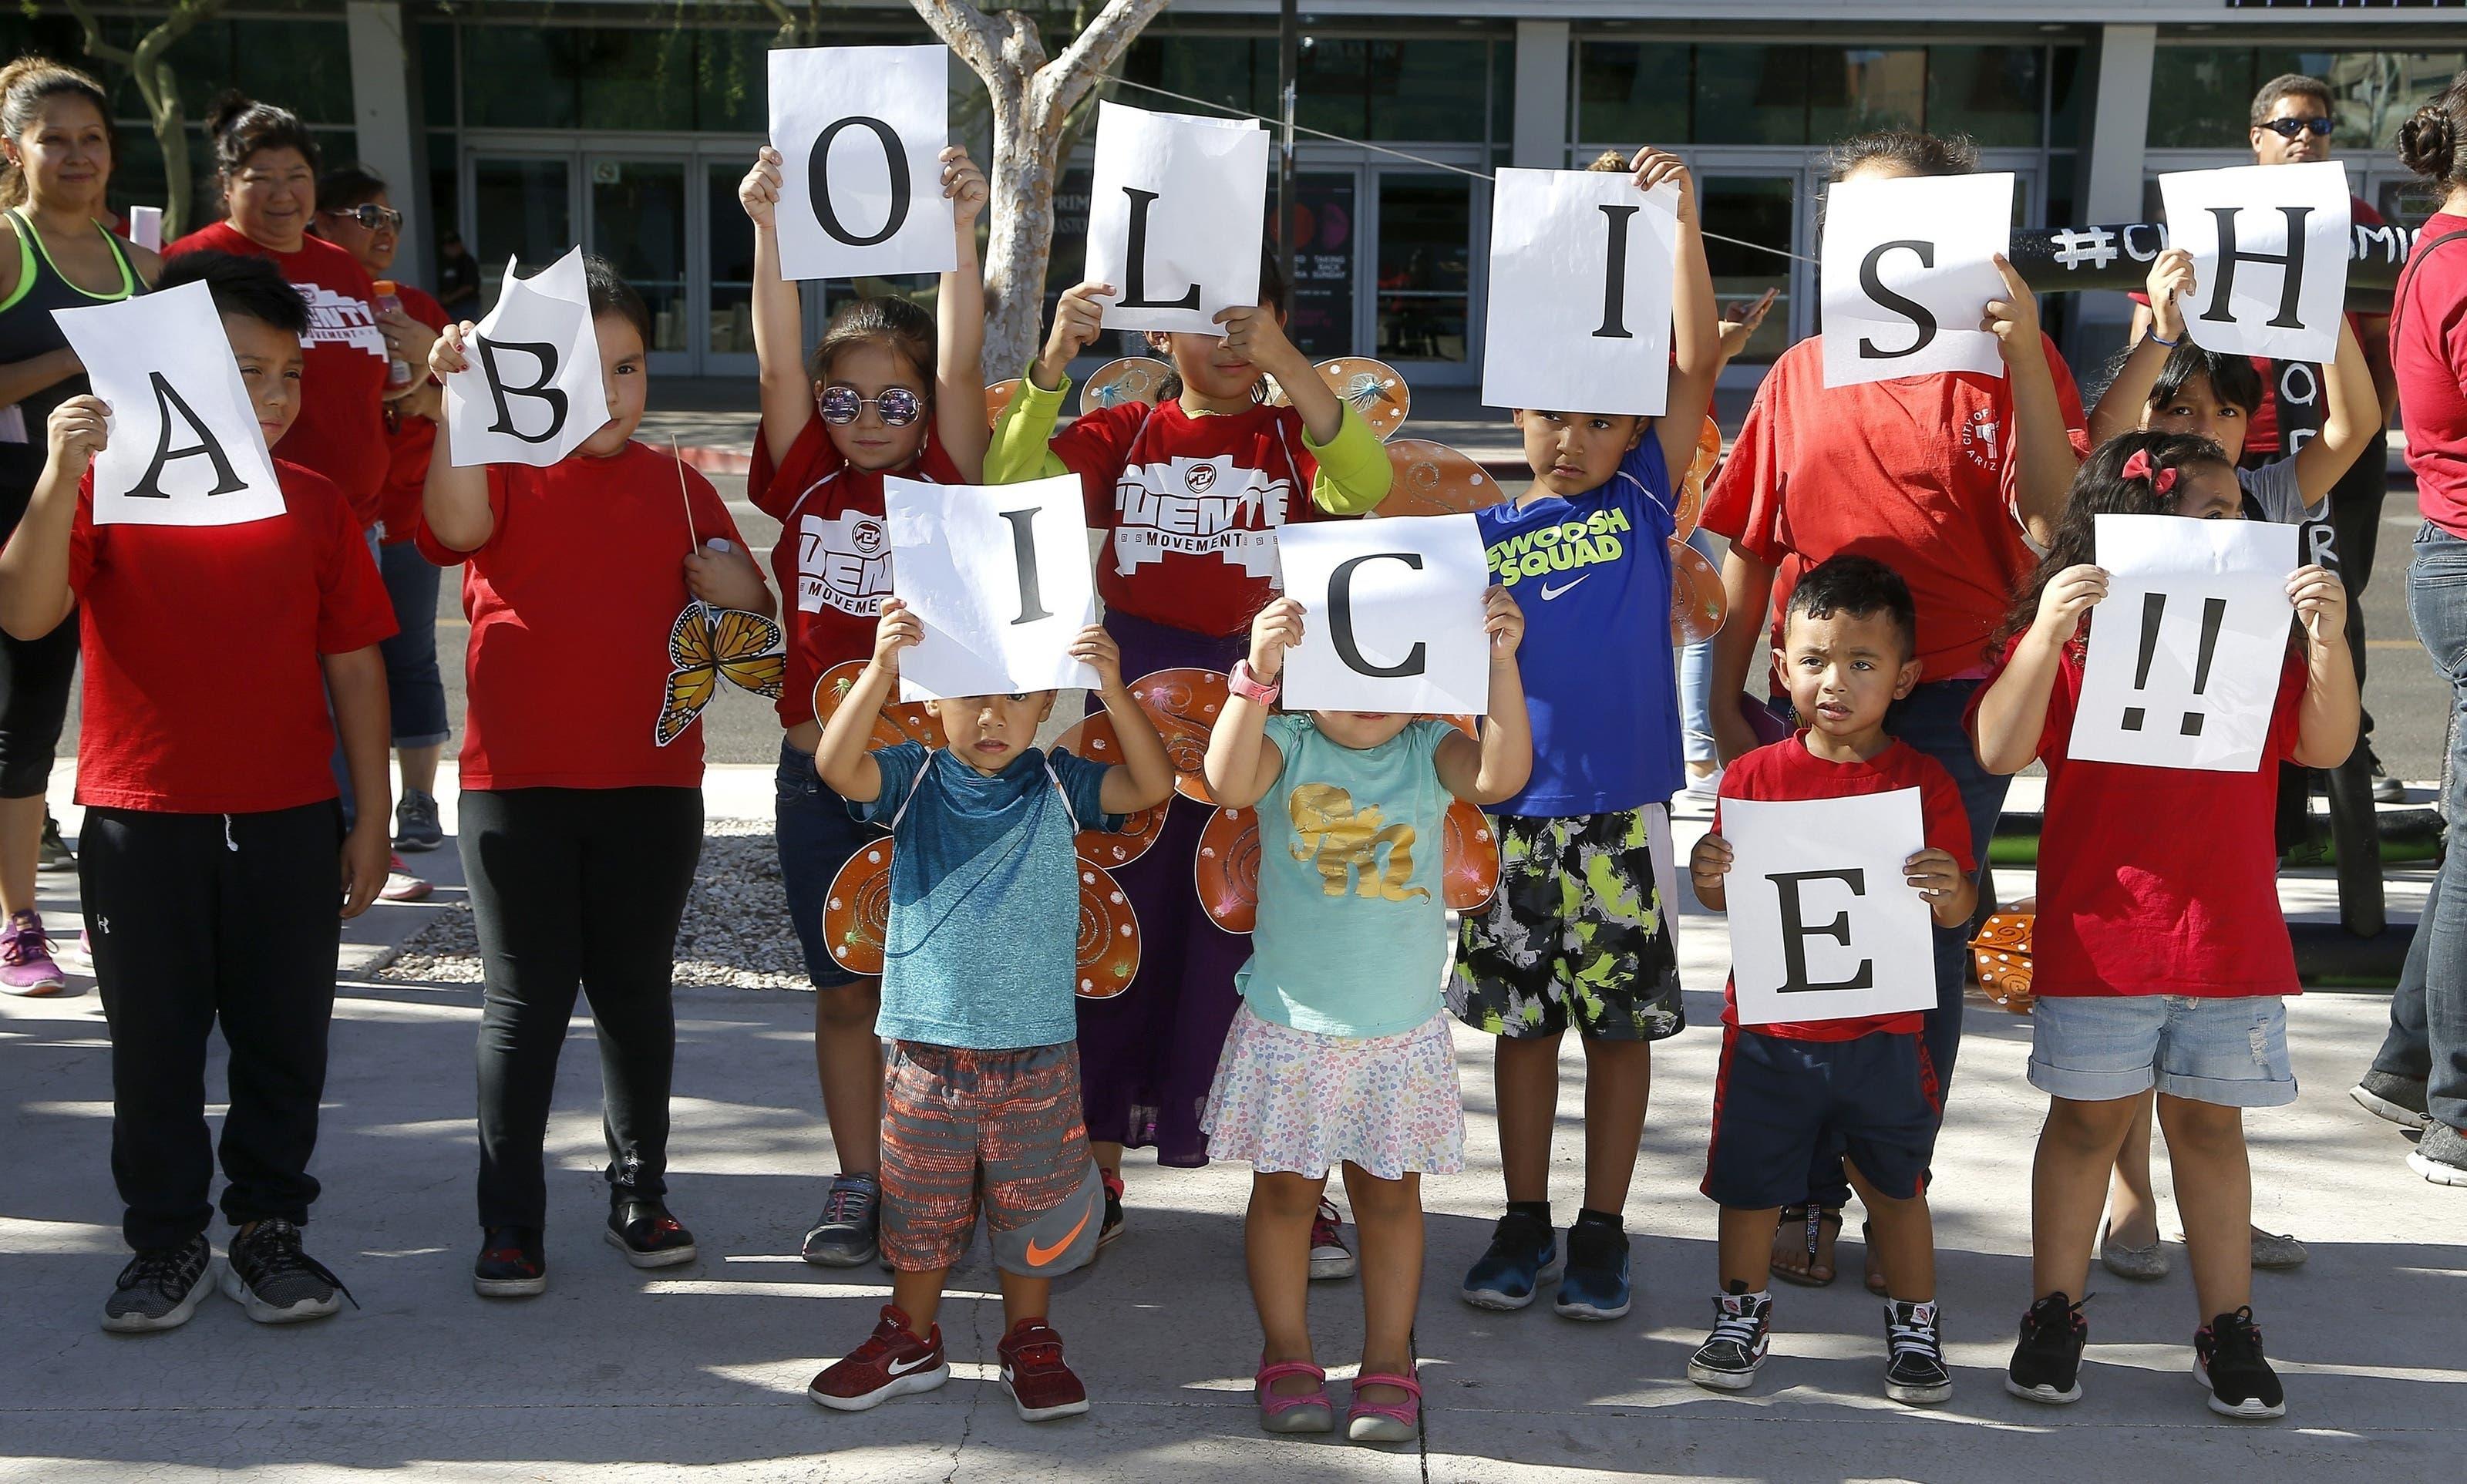 Kinder protestieren gegen die Trennung von Familien.